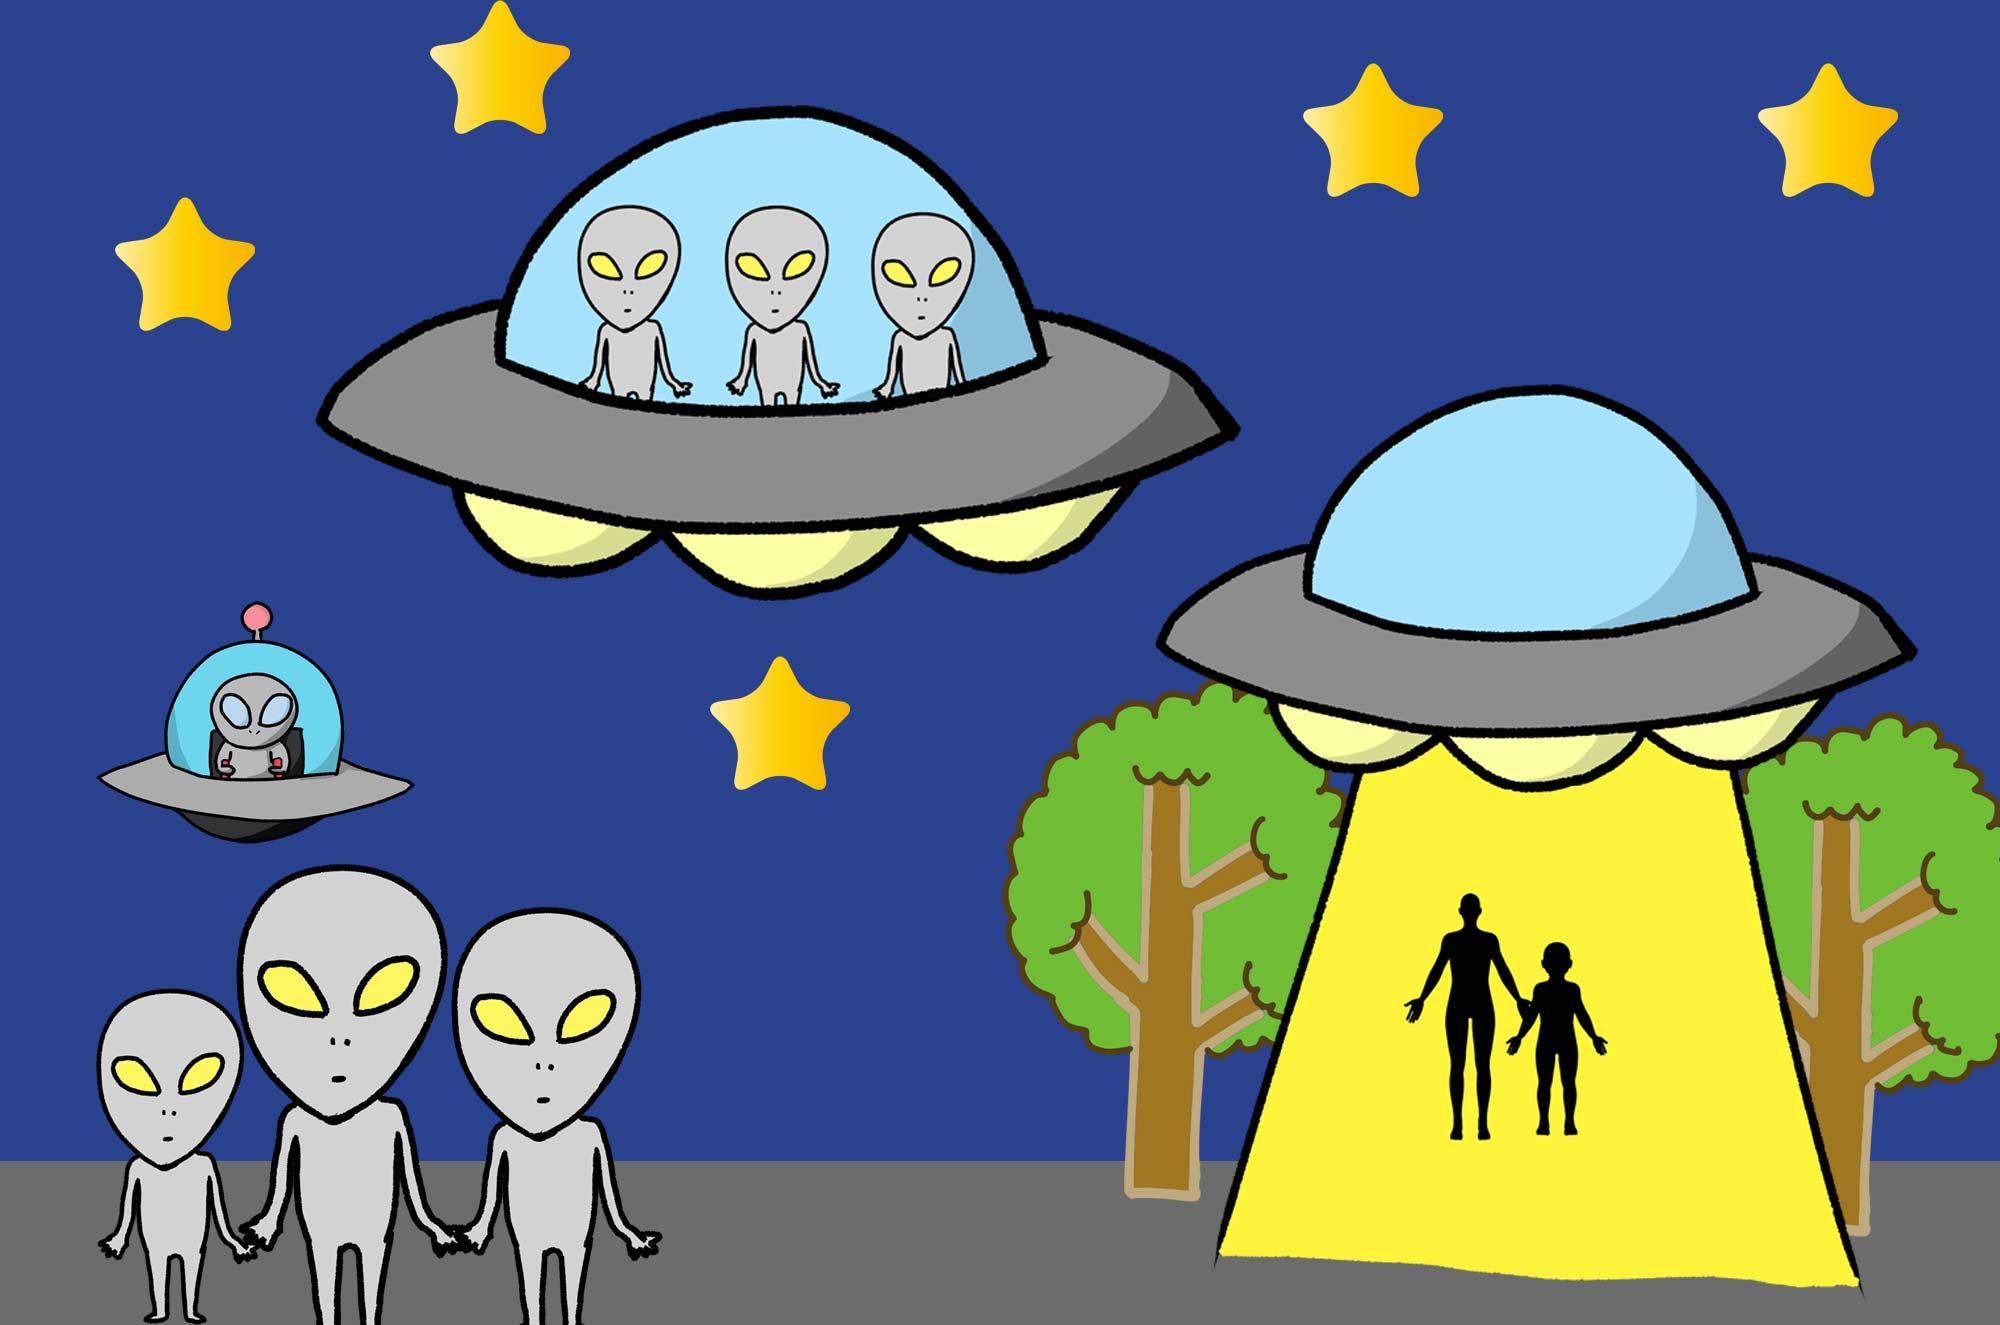 UFOのイラスト - 可愛い未確認飛行物体の不思議な無料素材